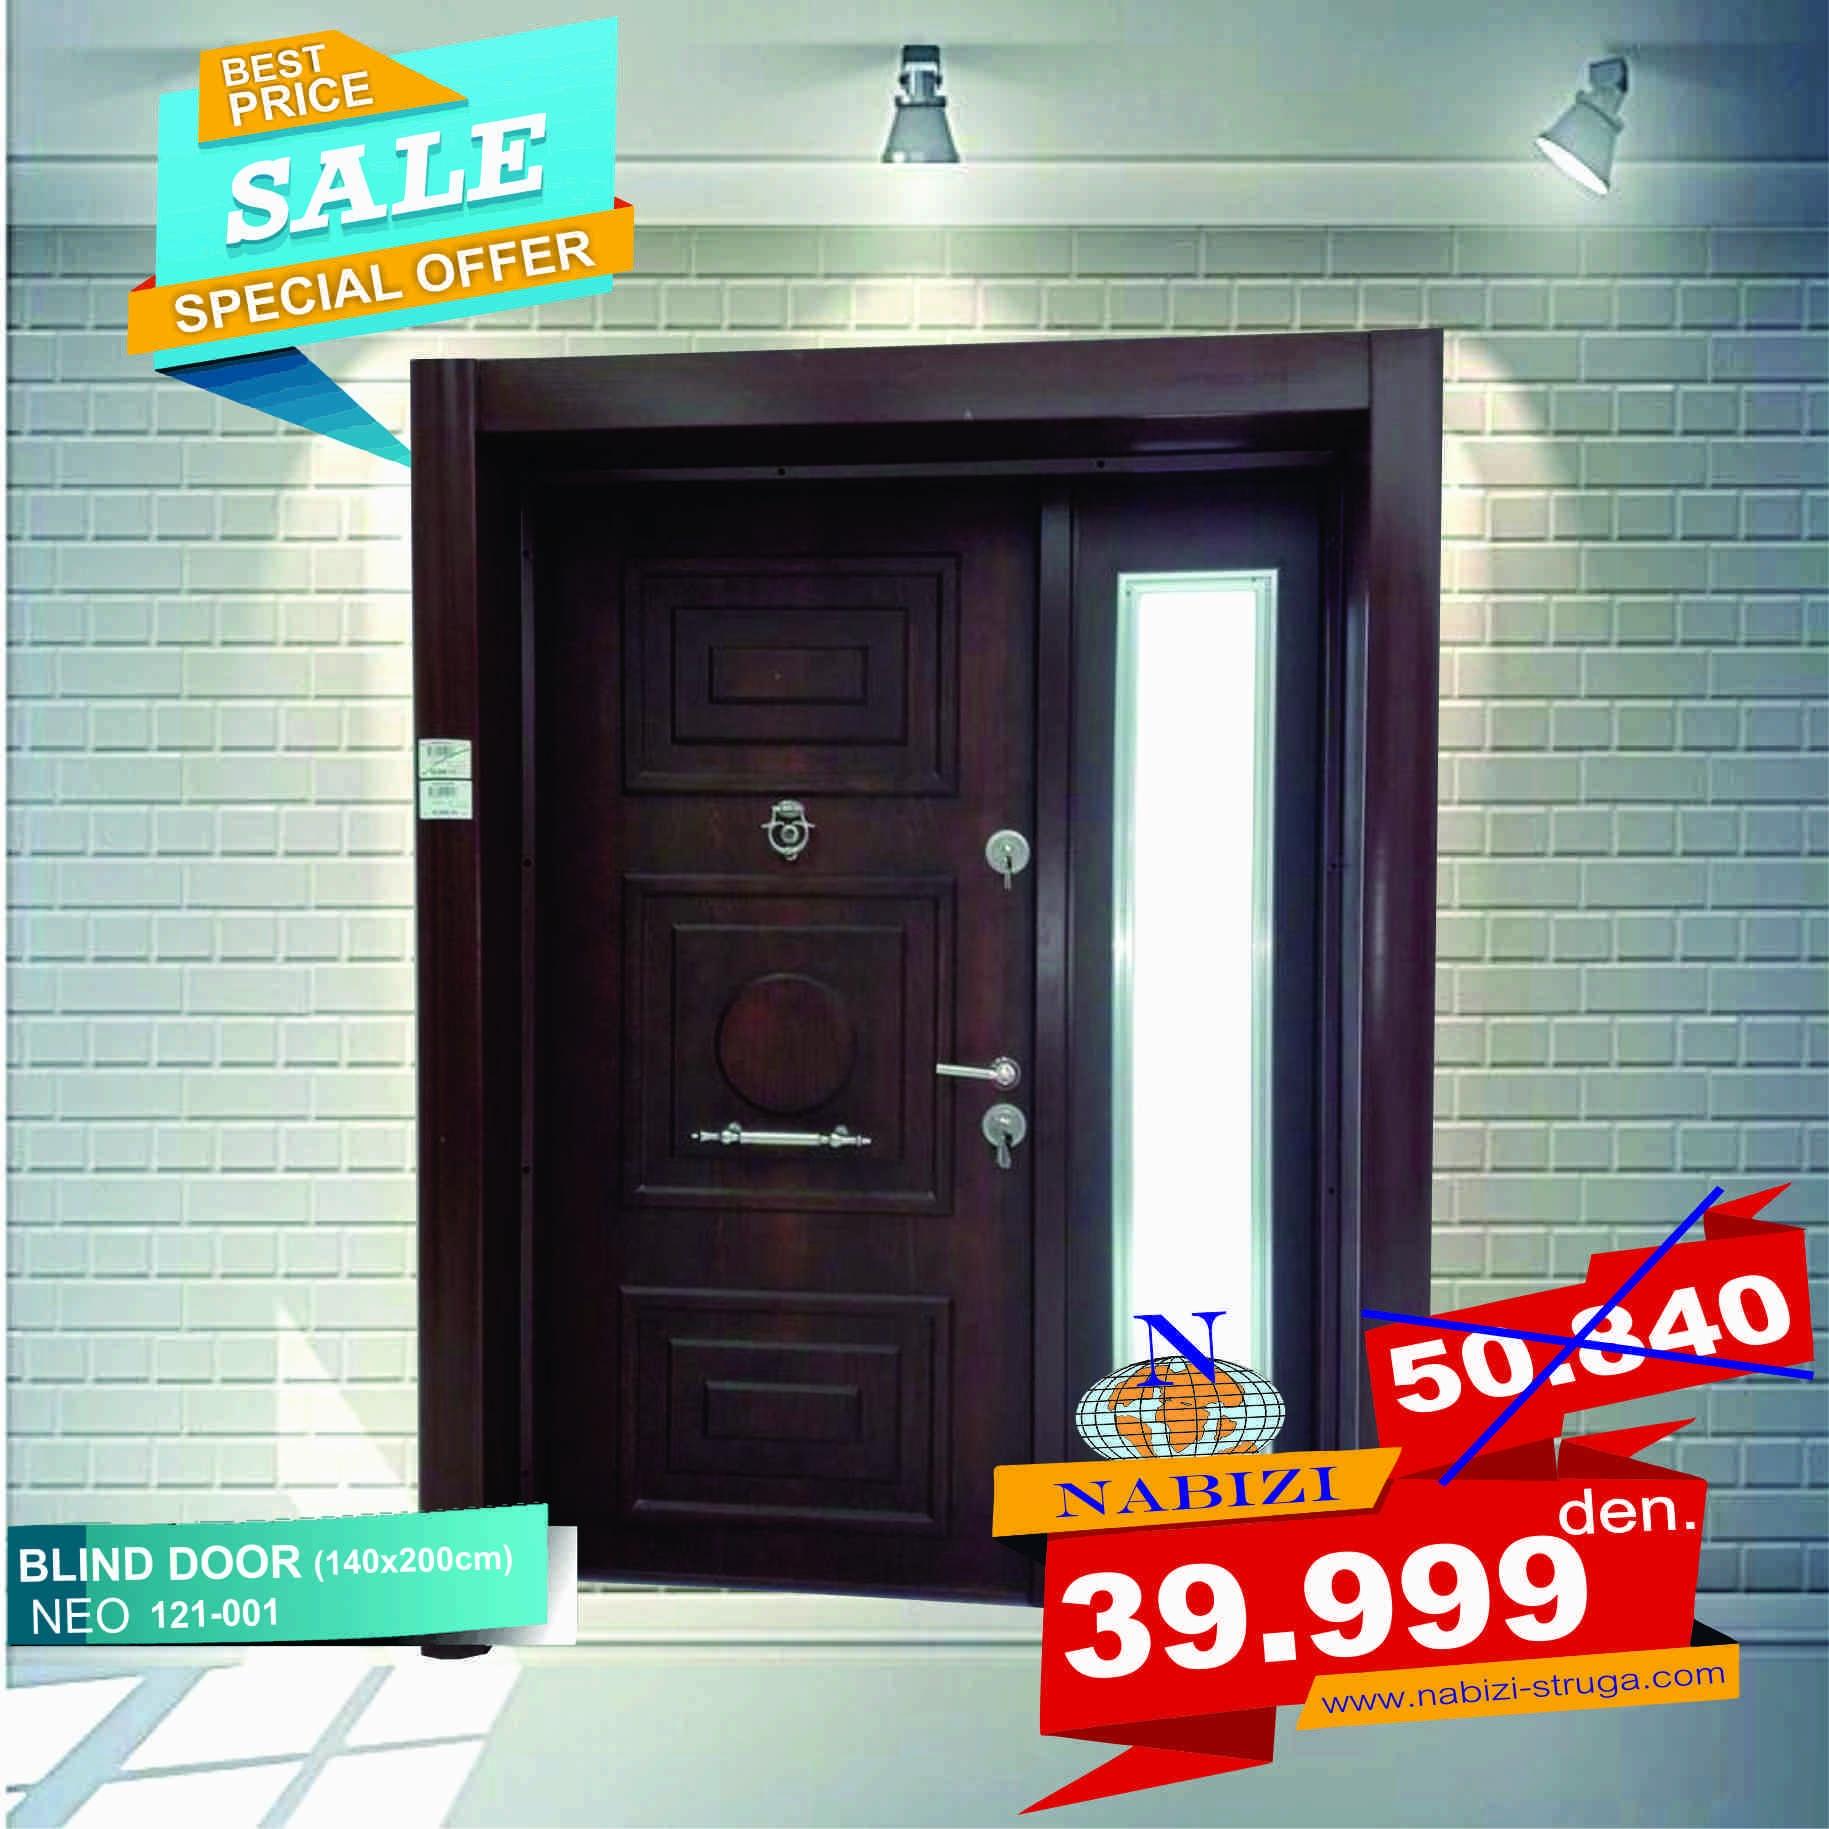 BLIND DOOR 140x200cm